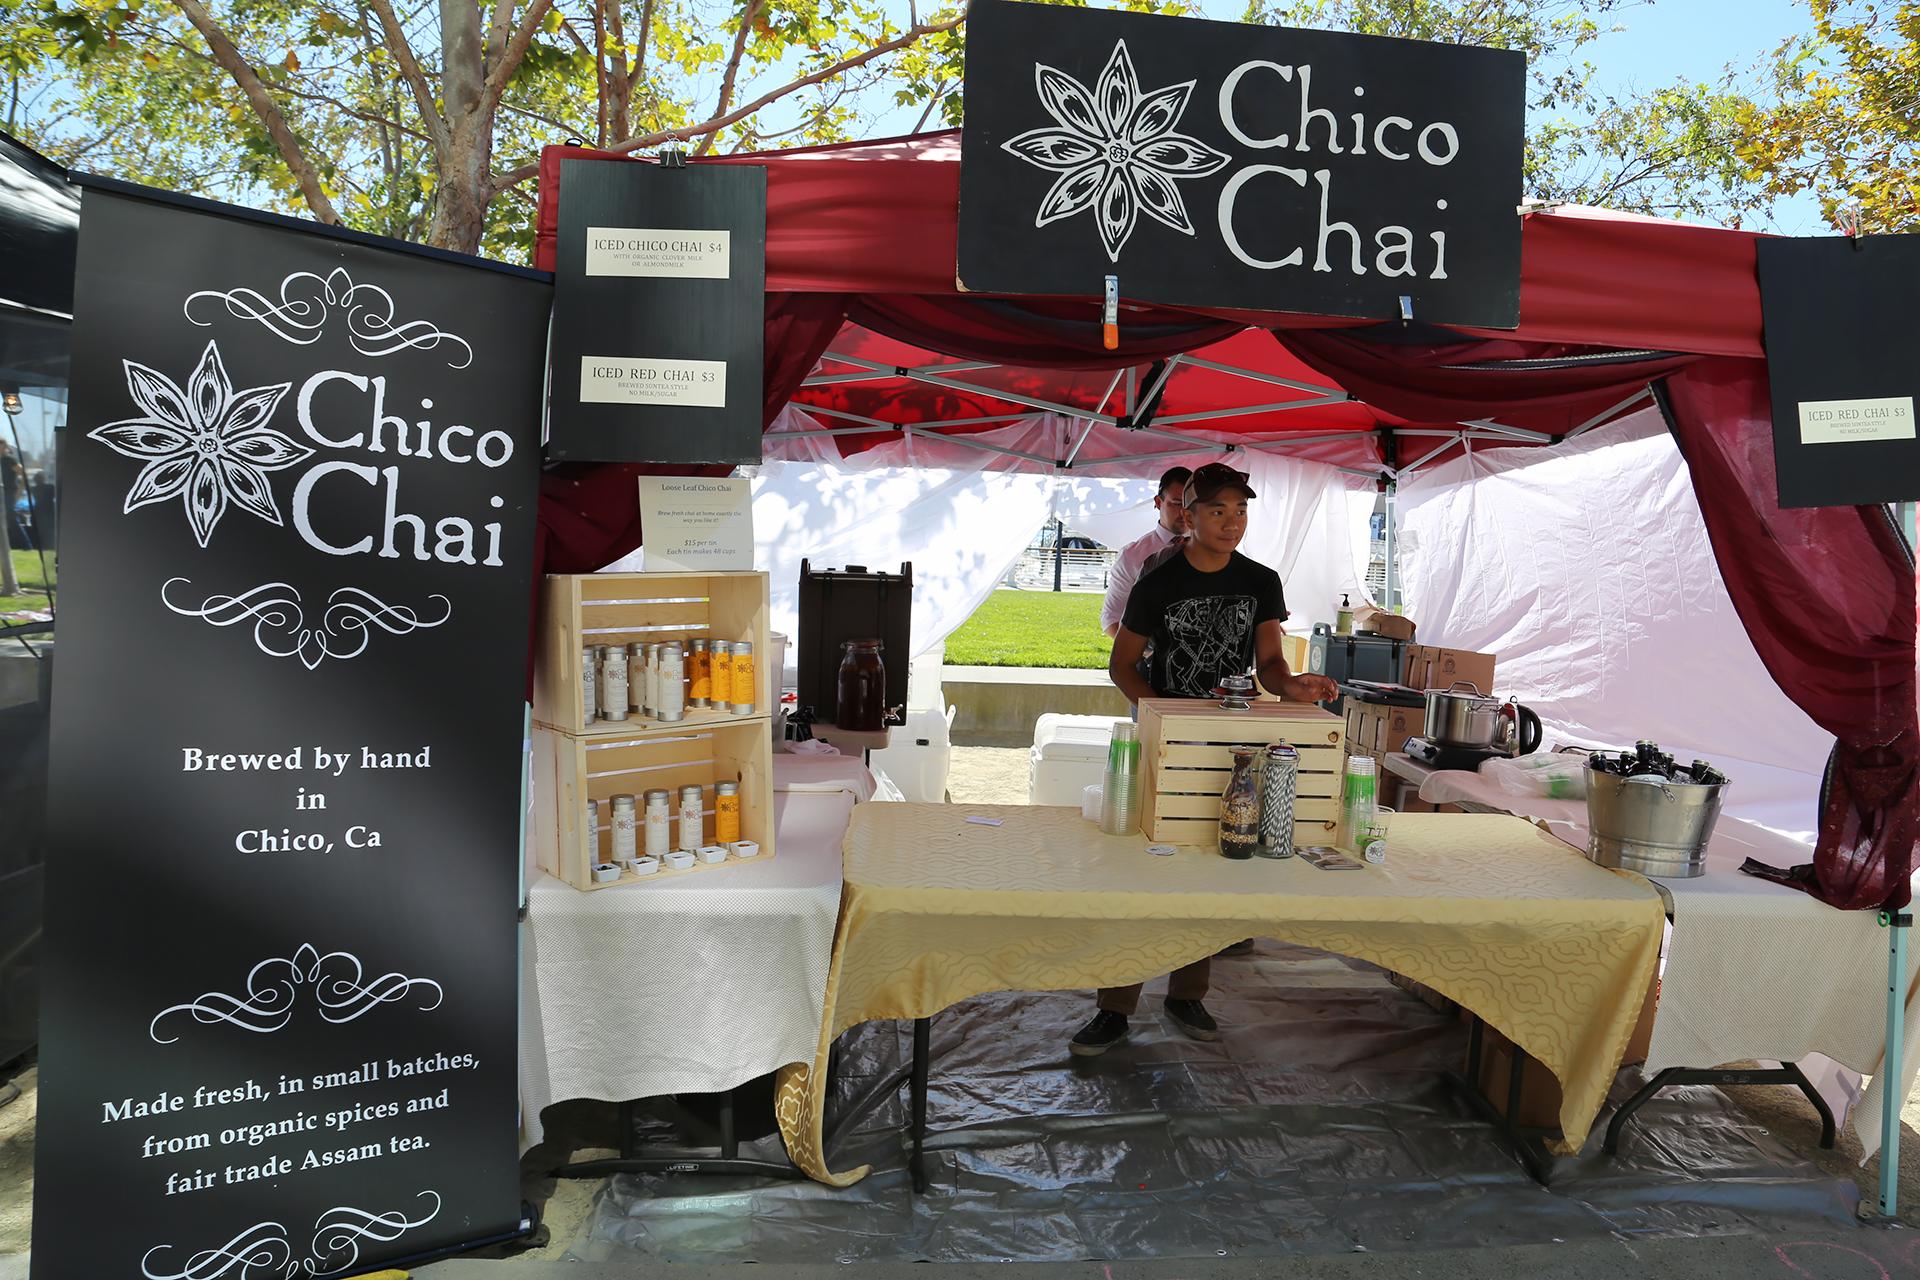 Chico Chai